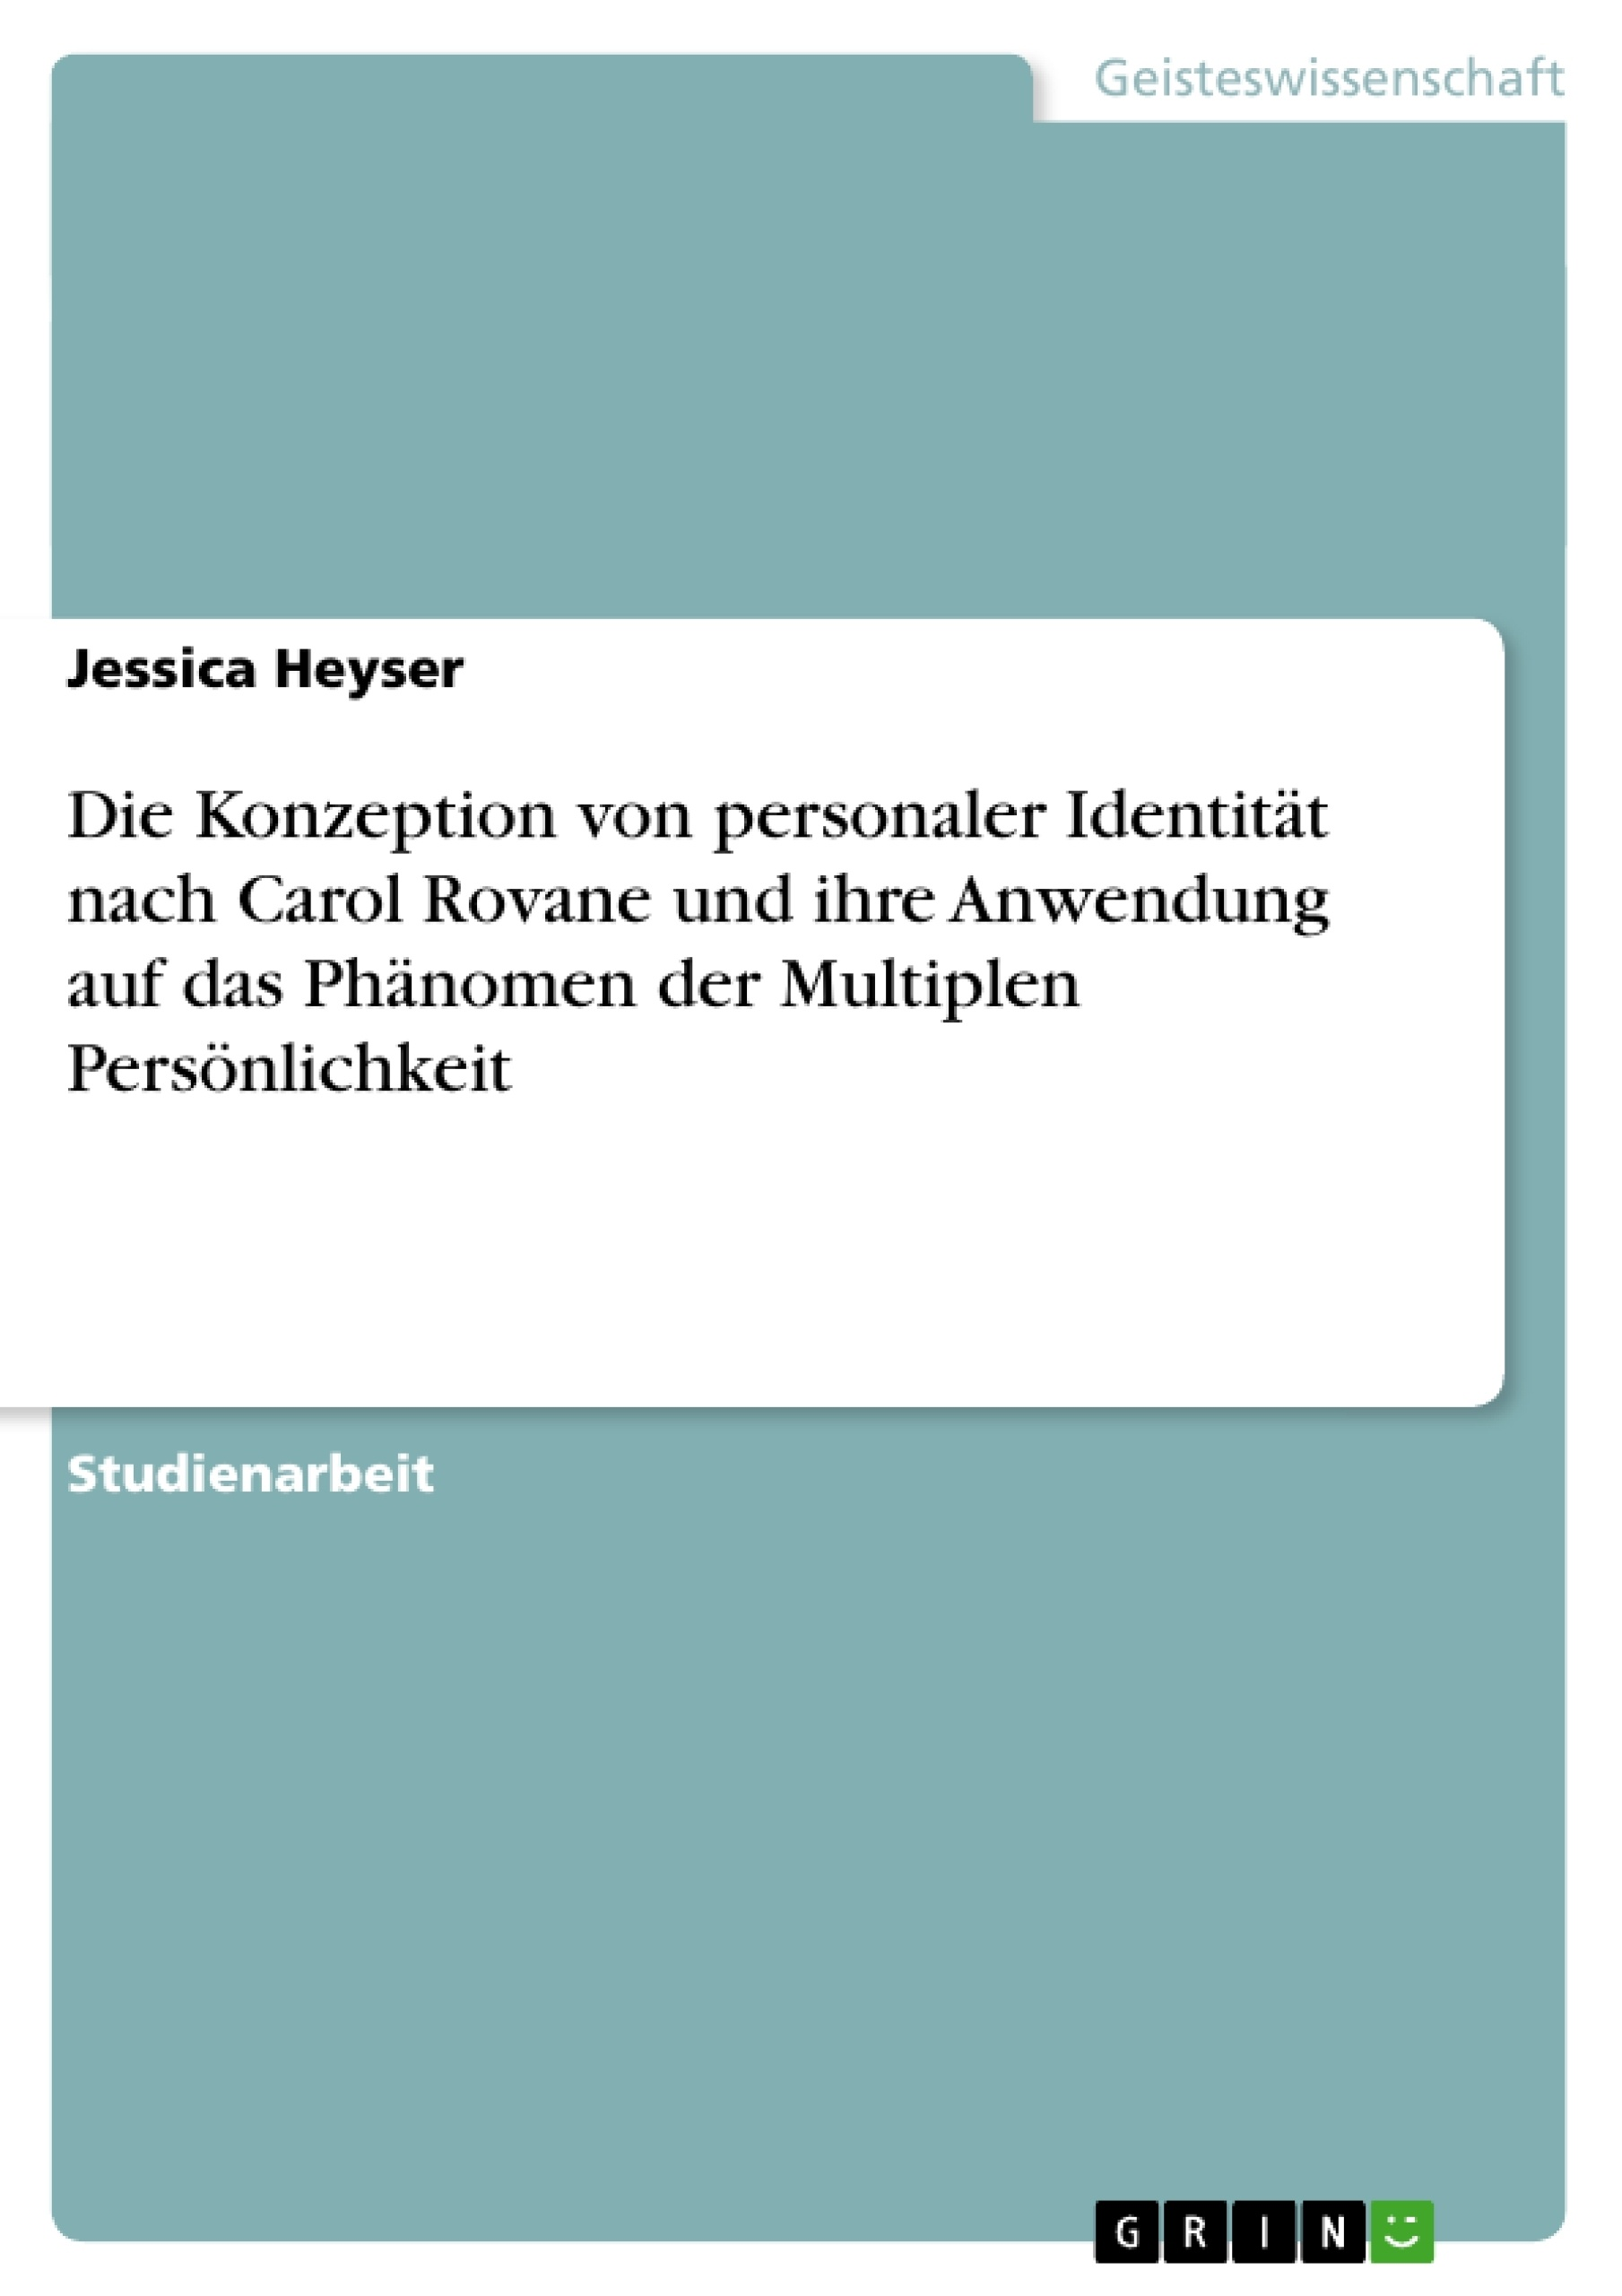 Titel: Die Konzeption von personaler Identität nach Carol Rovane und ihre Anwendung auf das Phänomen der Multiplen Persönlichkeit